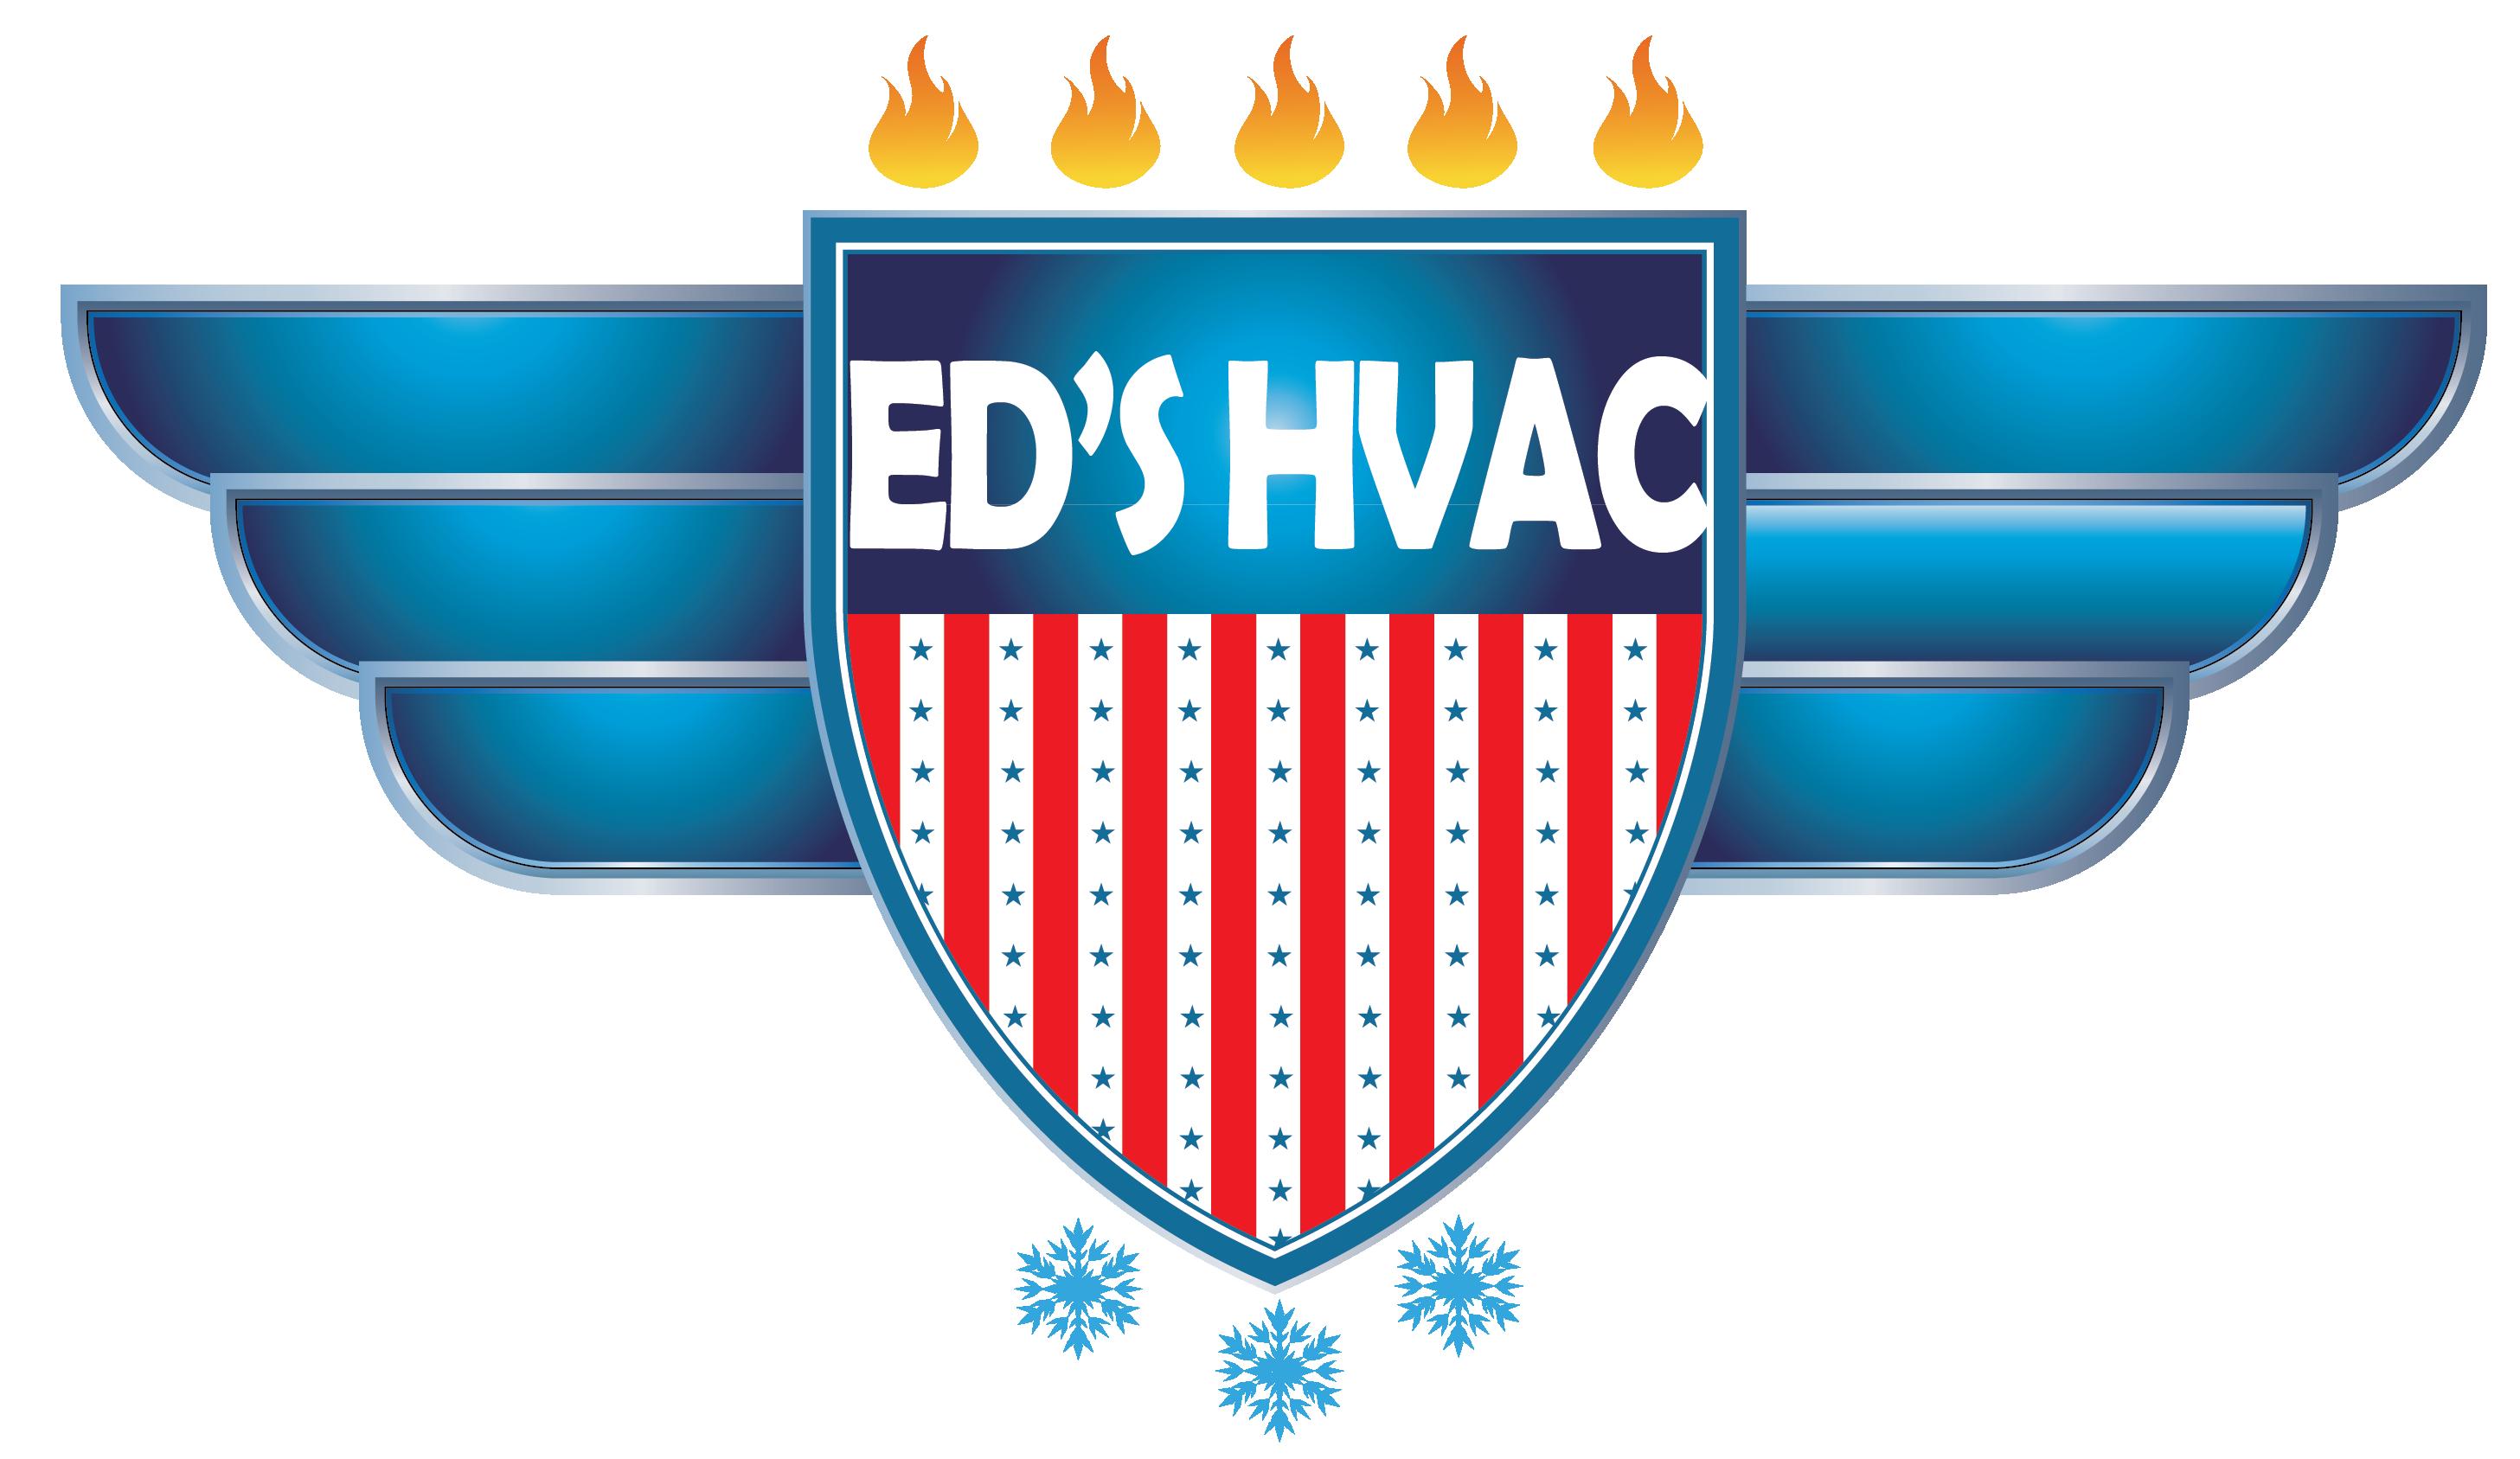 Ed's HVAC